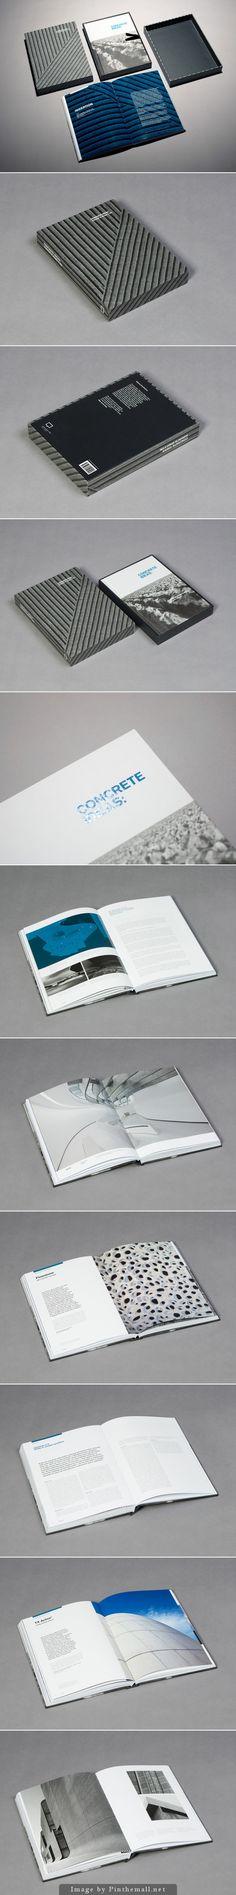 Concrete Ideas by ale románs